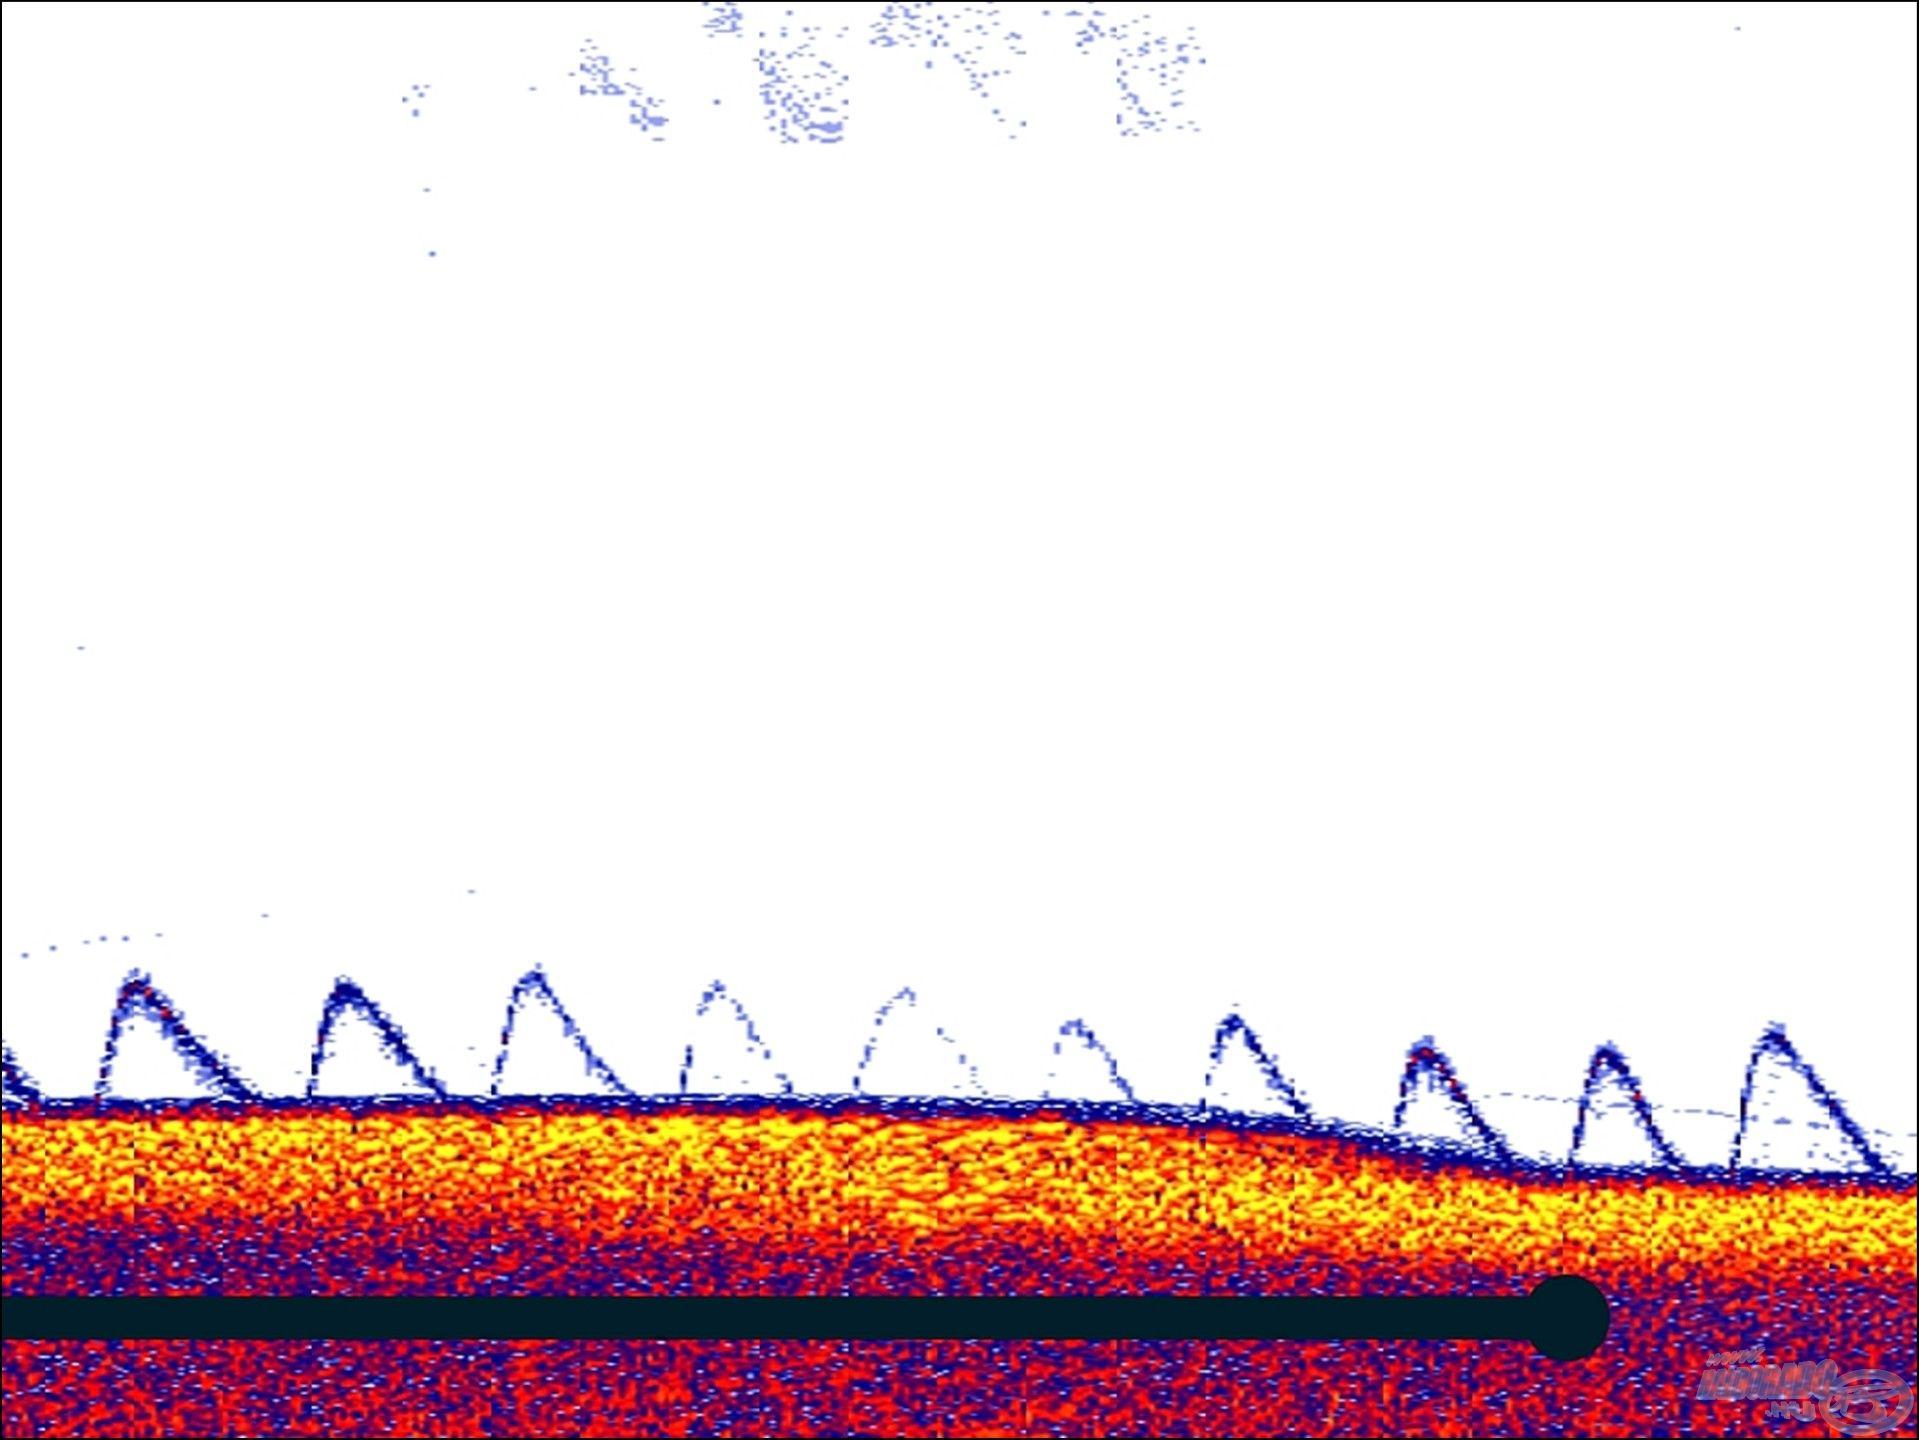 Vertikális horgászat során jól tudjuk ellenőrizni a csalink elhelyezkedését. Itt az látszik, amikor a jeladó alól elkezdtem oldalra kivezetni a csalit, megfigyelhető, ahogy a jel elhalványodik, majd amikor visszavezetem, újra felerősödik